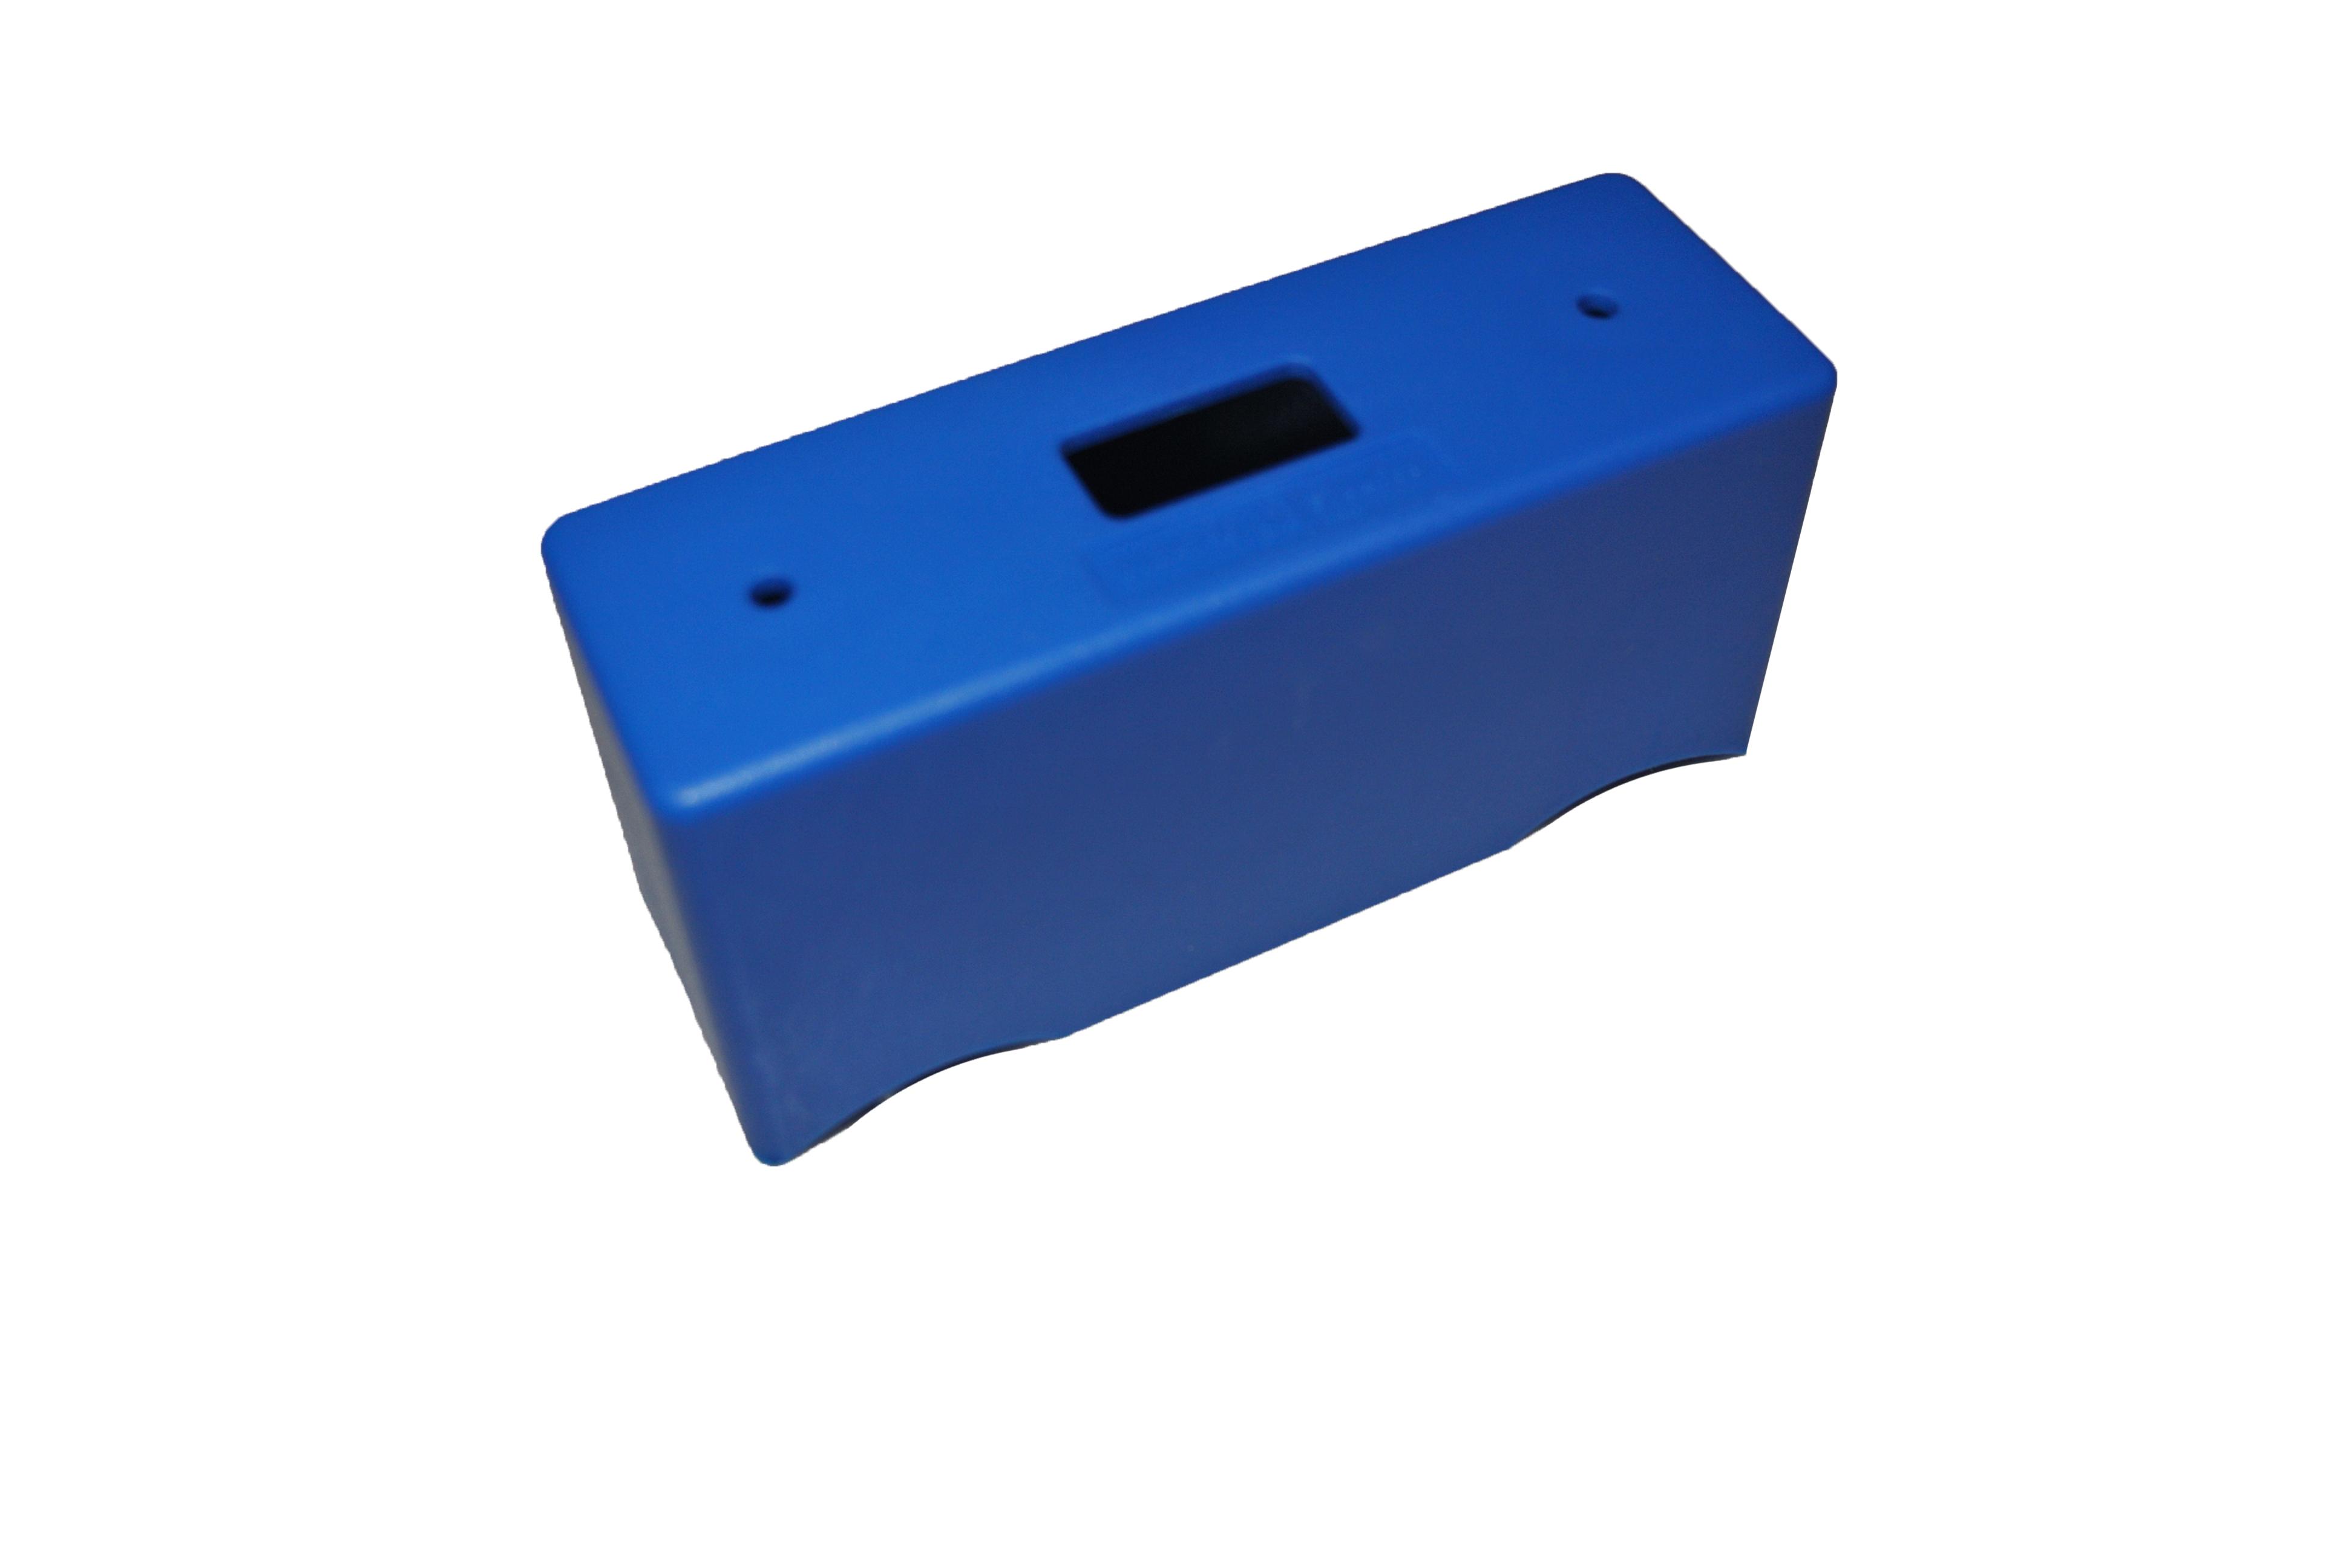 1 Stk Abdeckung für Sicherungshalter PVBP1002--